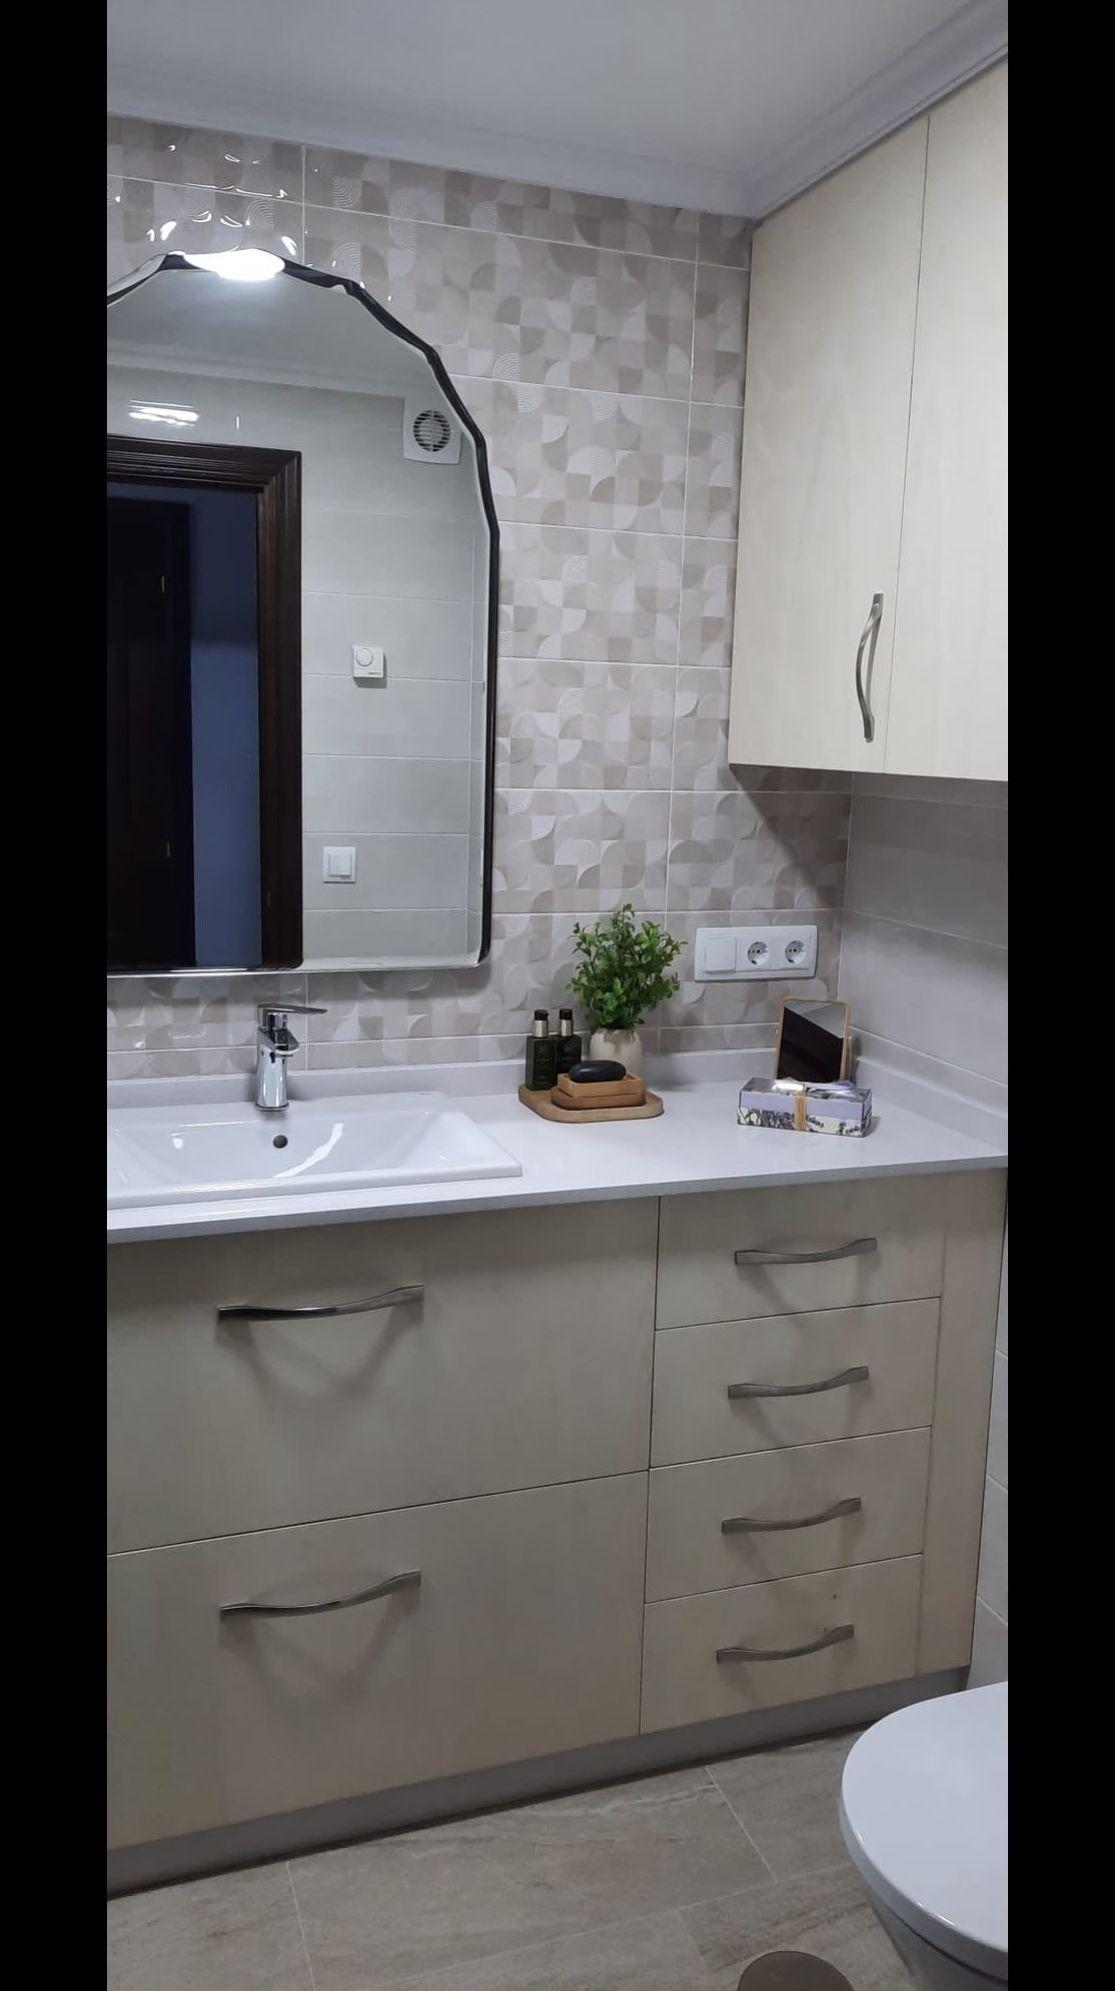 Mueble lavabo y de colgar para el cuarto de baño